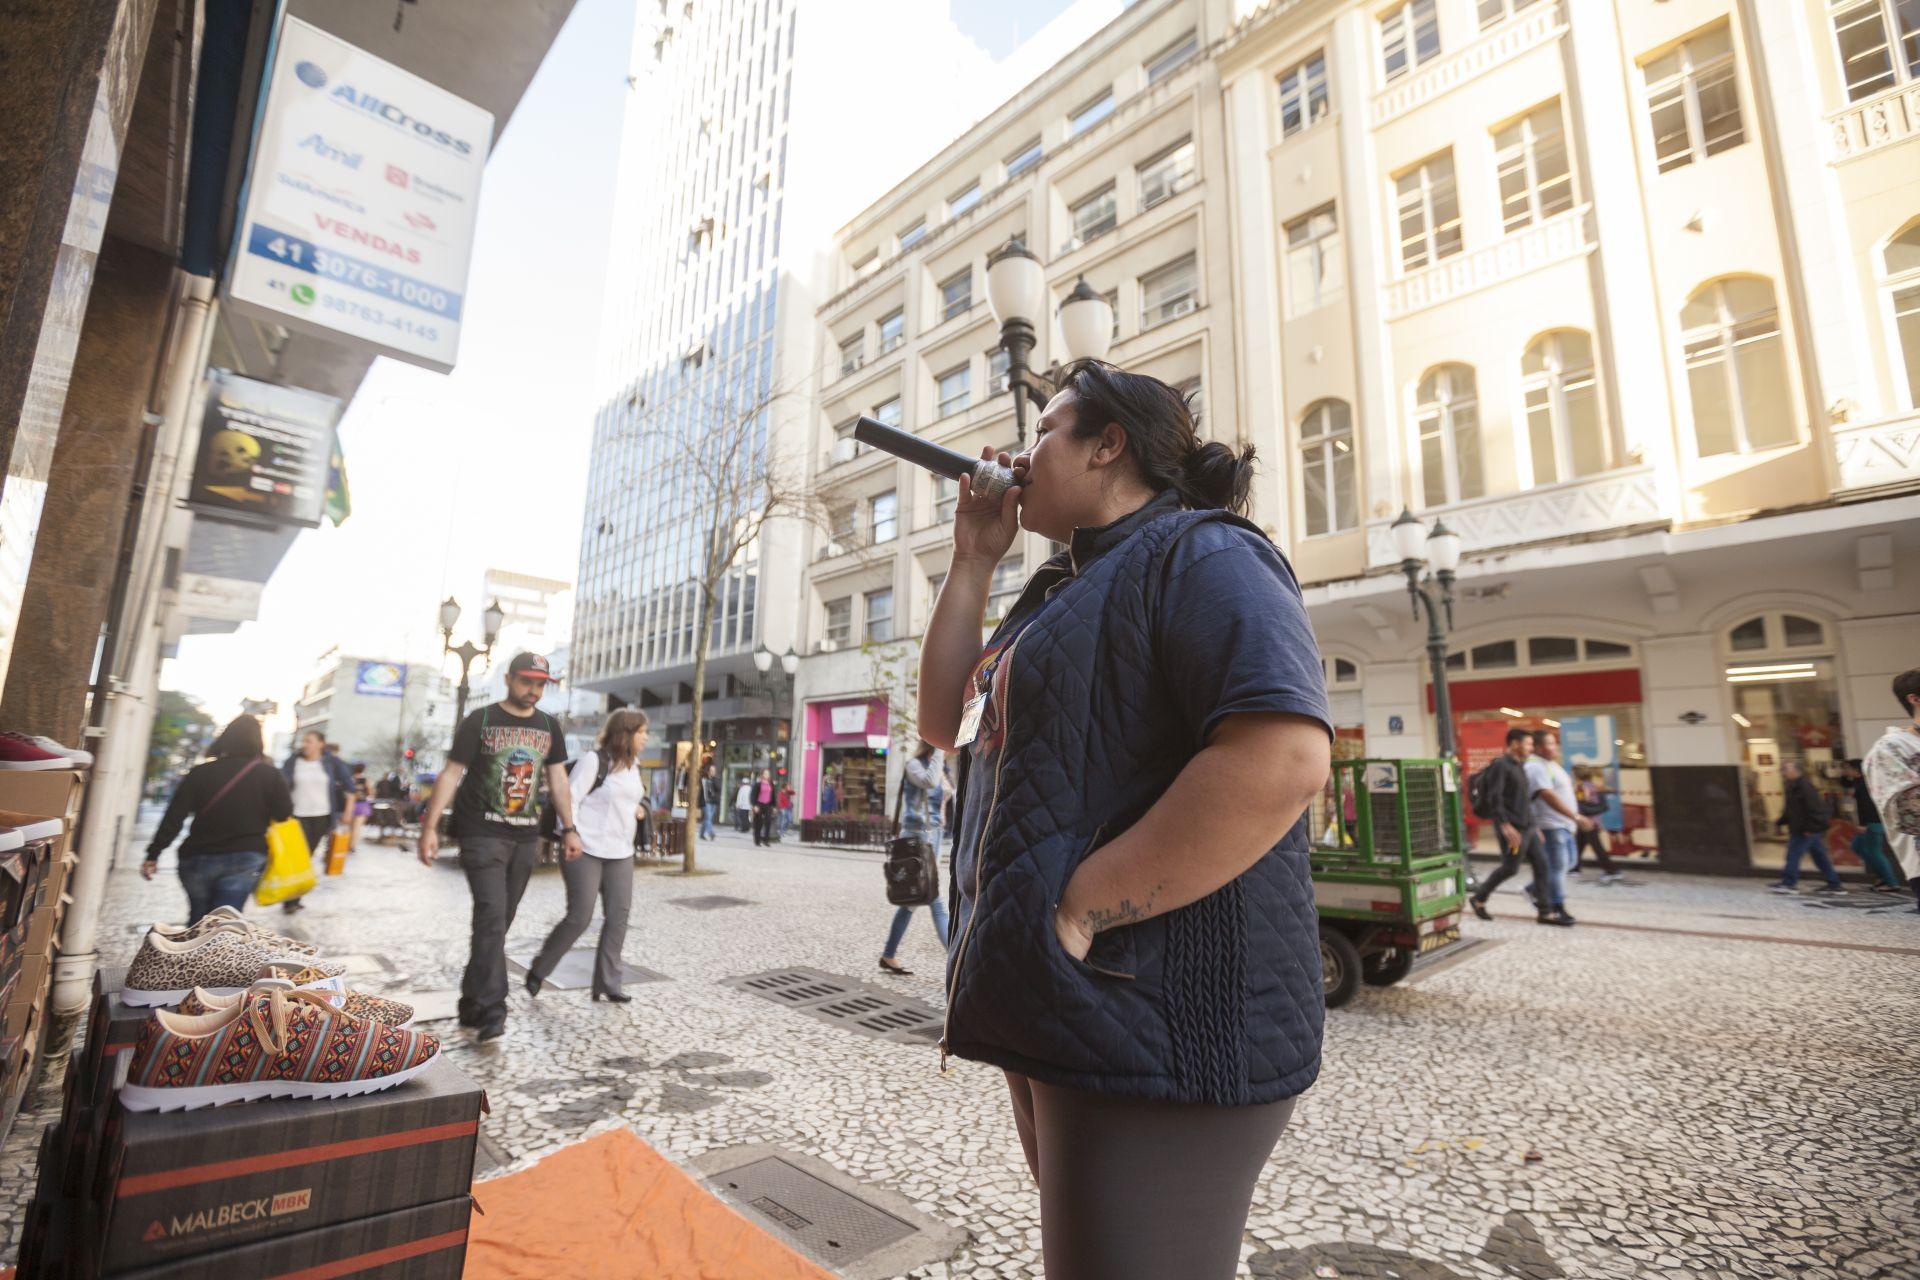 A gerente Larissa Median intercala na narração de promoções com Felipe Lobato, contratado pela loja recentemente. A estratégia aumenta as vendas consideravelmente. Foto: Fernando Zequinão/Gazeta do Povo